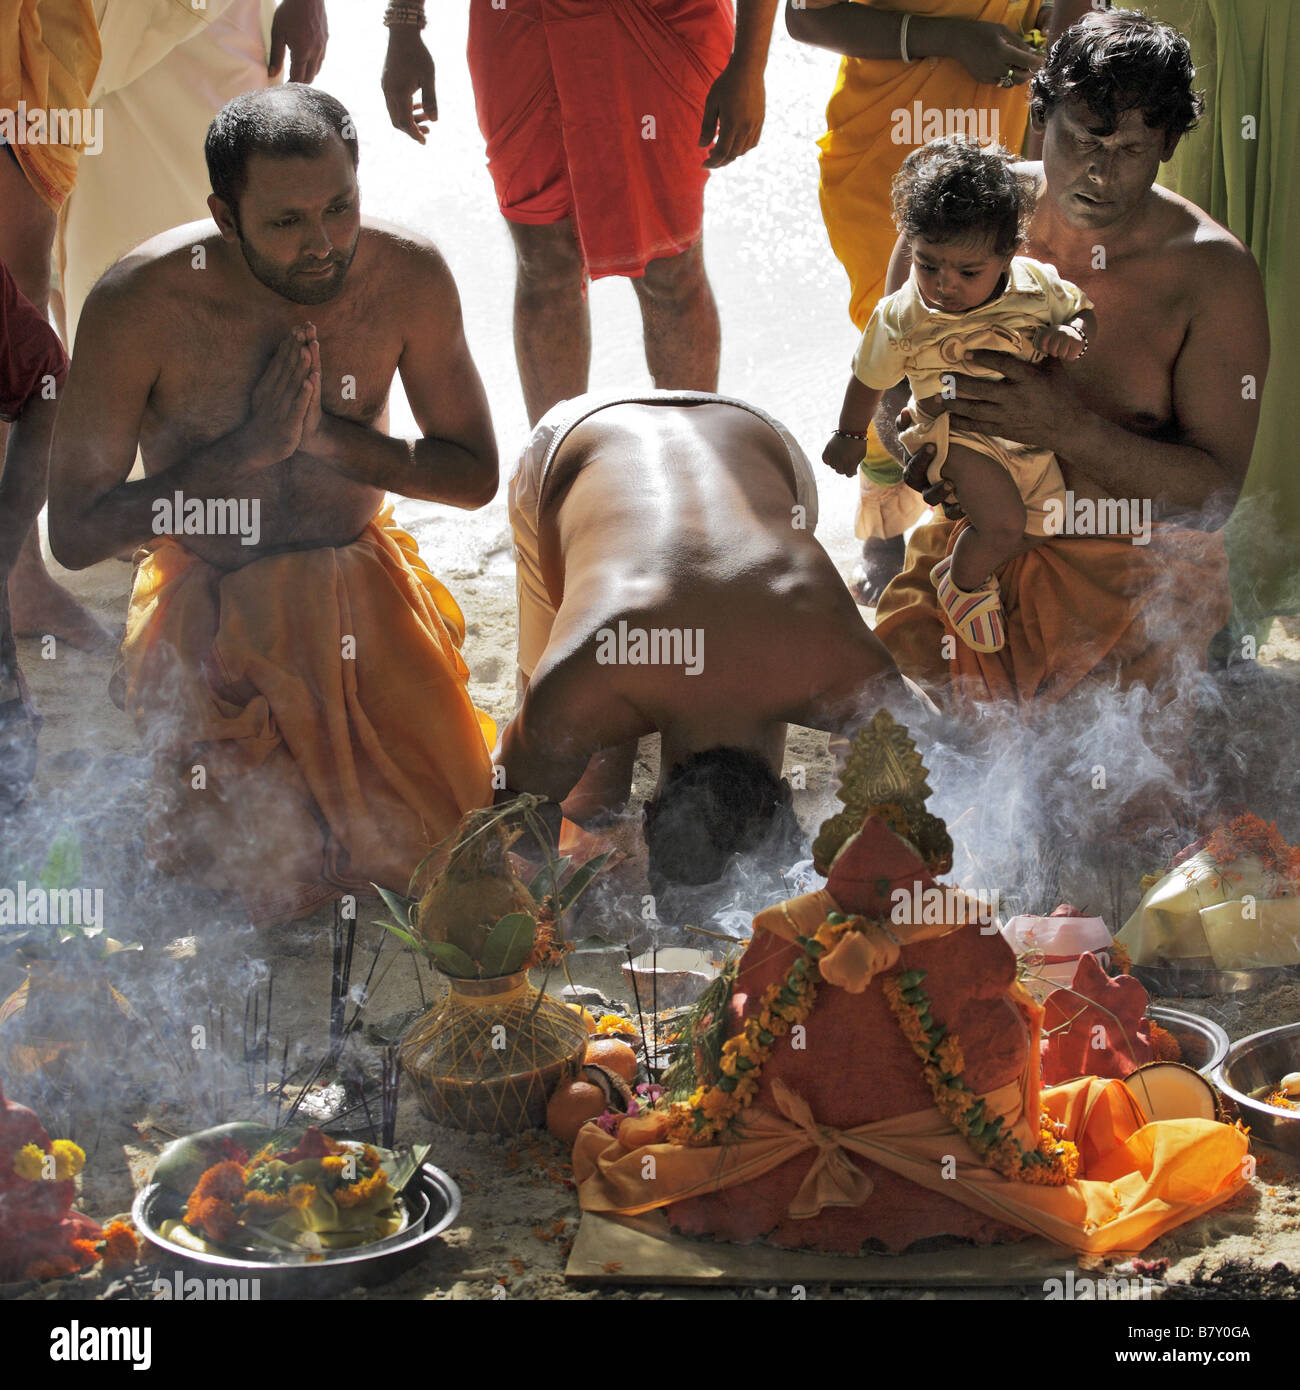 Men praying during Ganesh Chaturthi festival - Stock Image